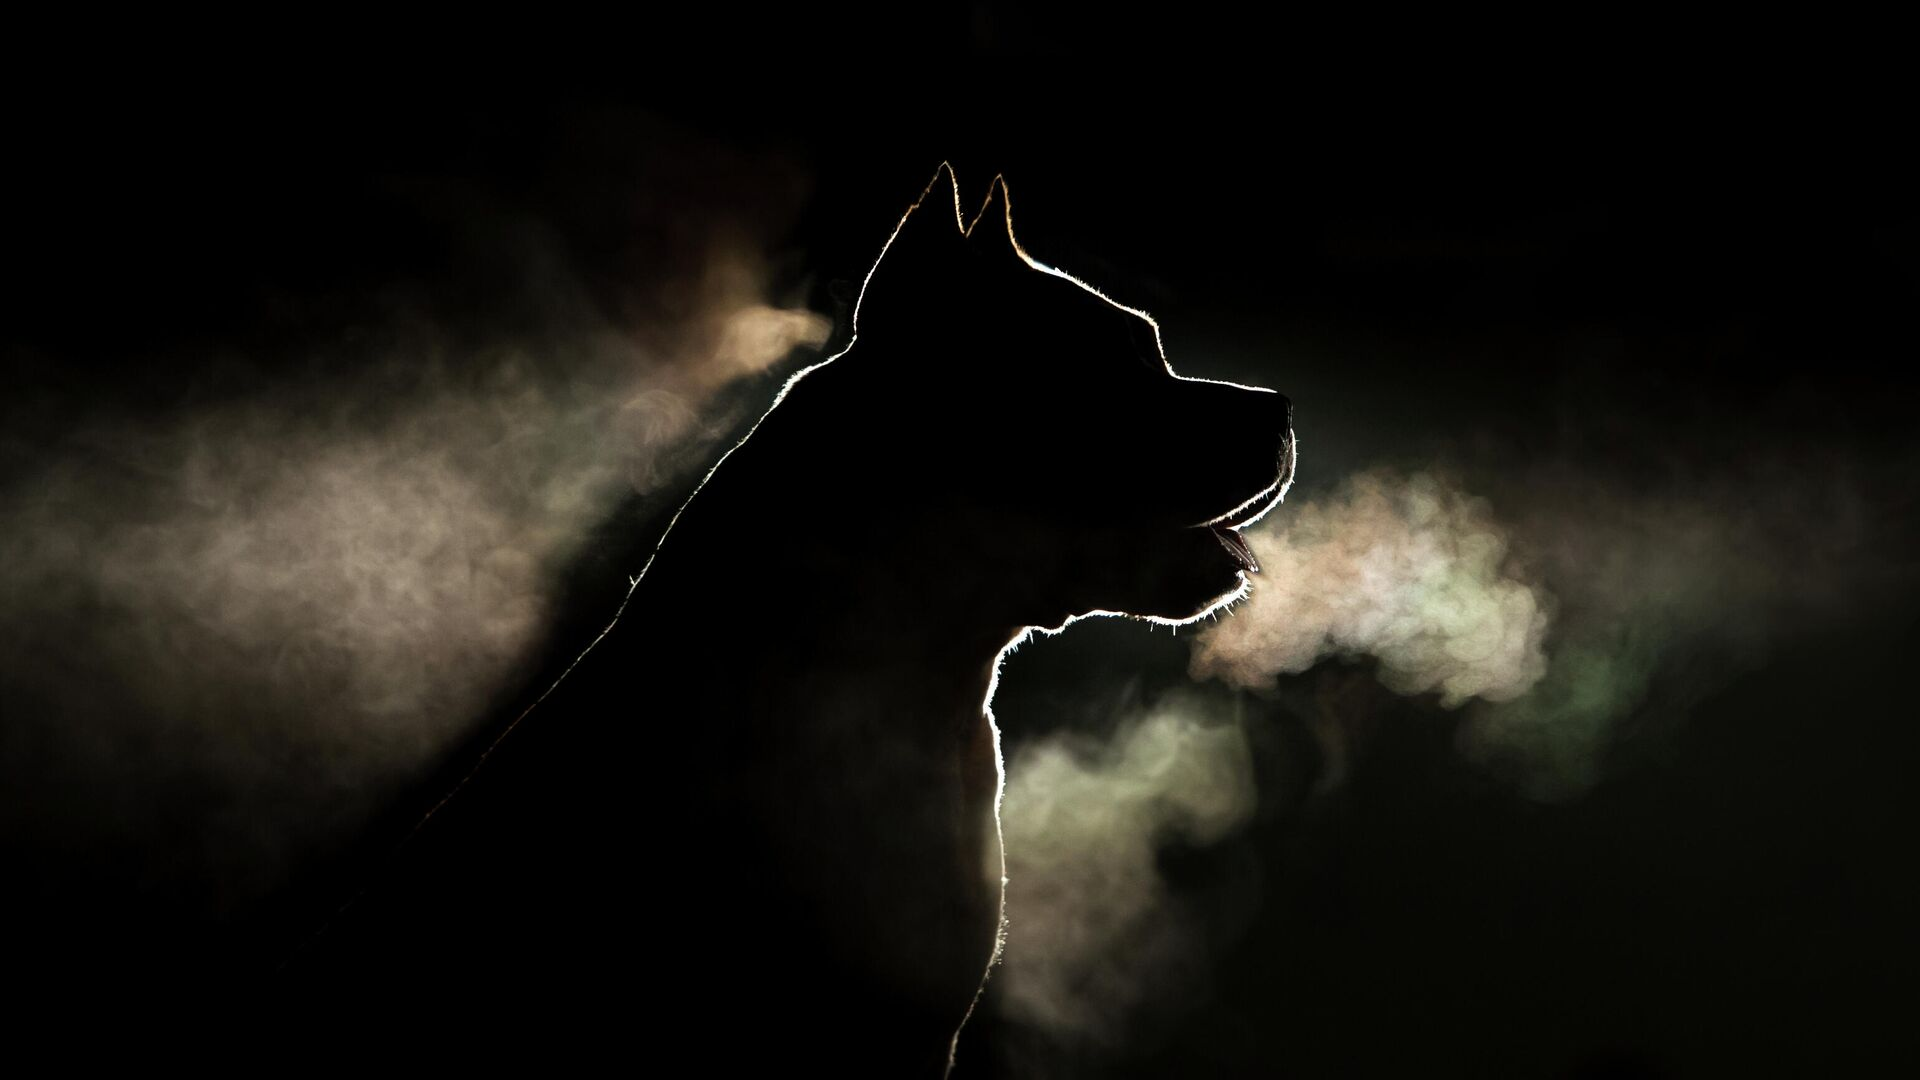 Собака порды стафордширский терьер - РИА Новости, 1920, 01.06.2021